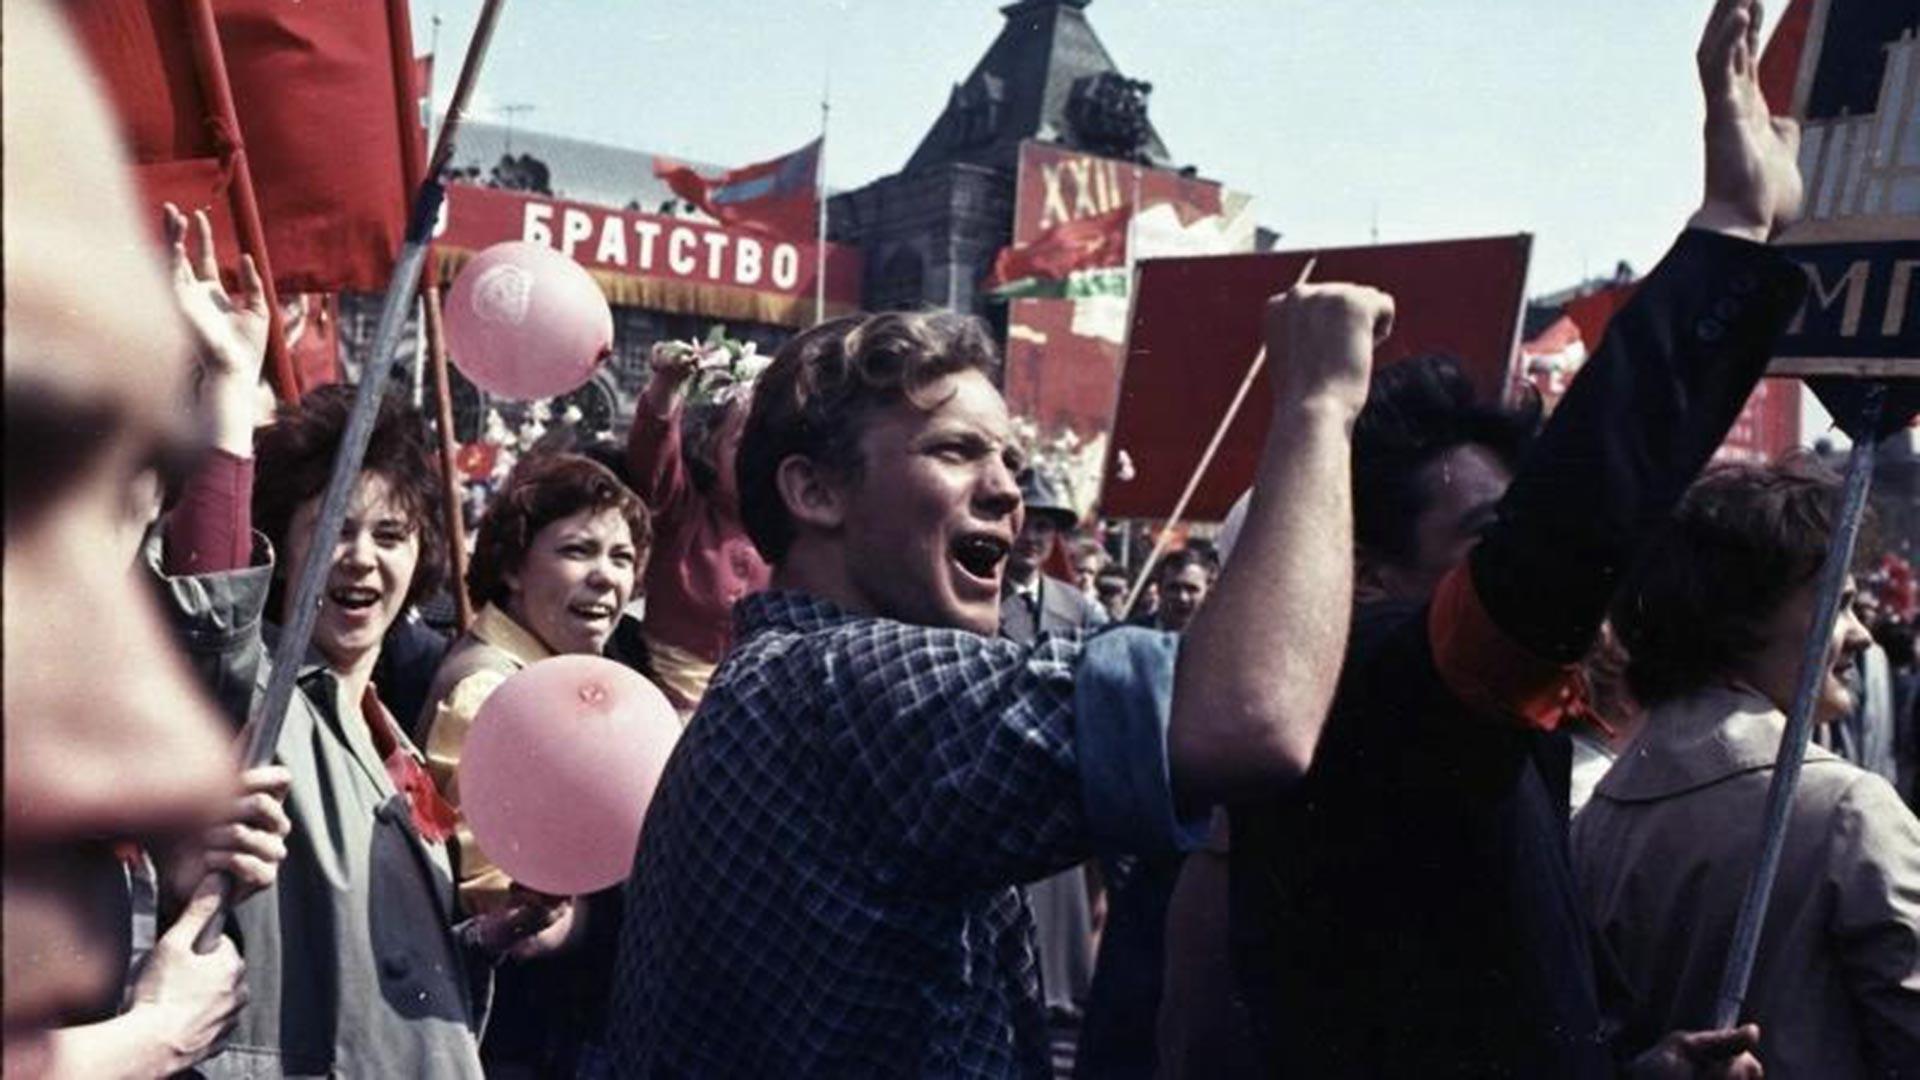 Lors de la manifestation du 1er mai. Le slogan en arrière-plan indique «Fraternité», années 1950